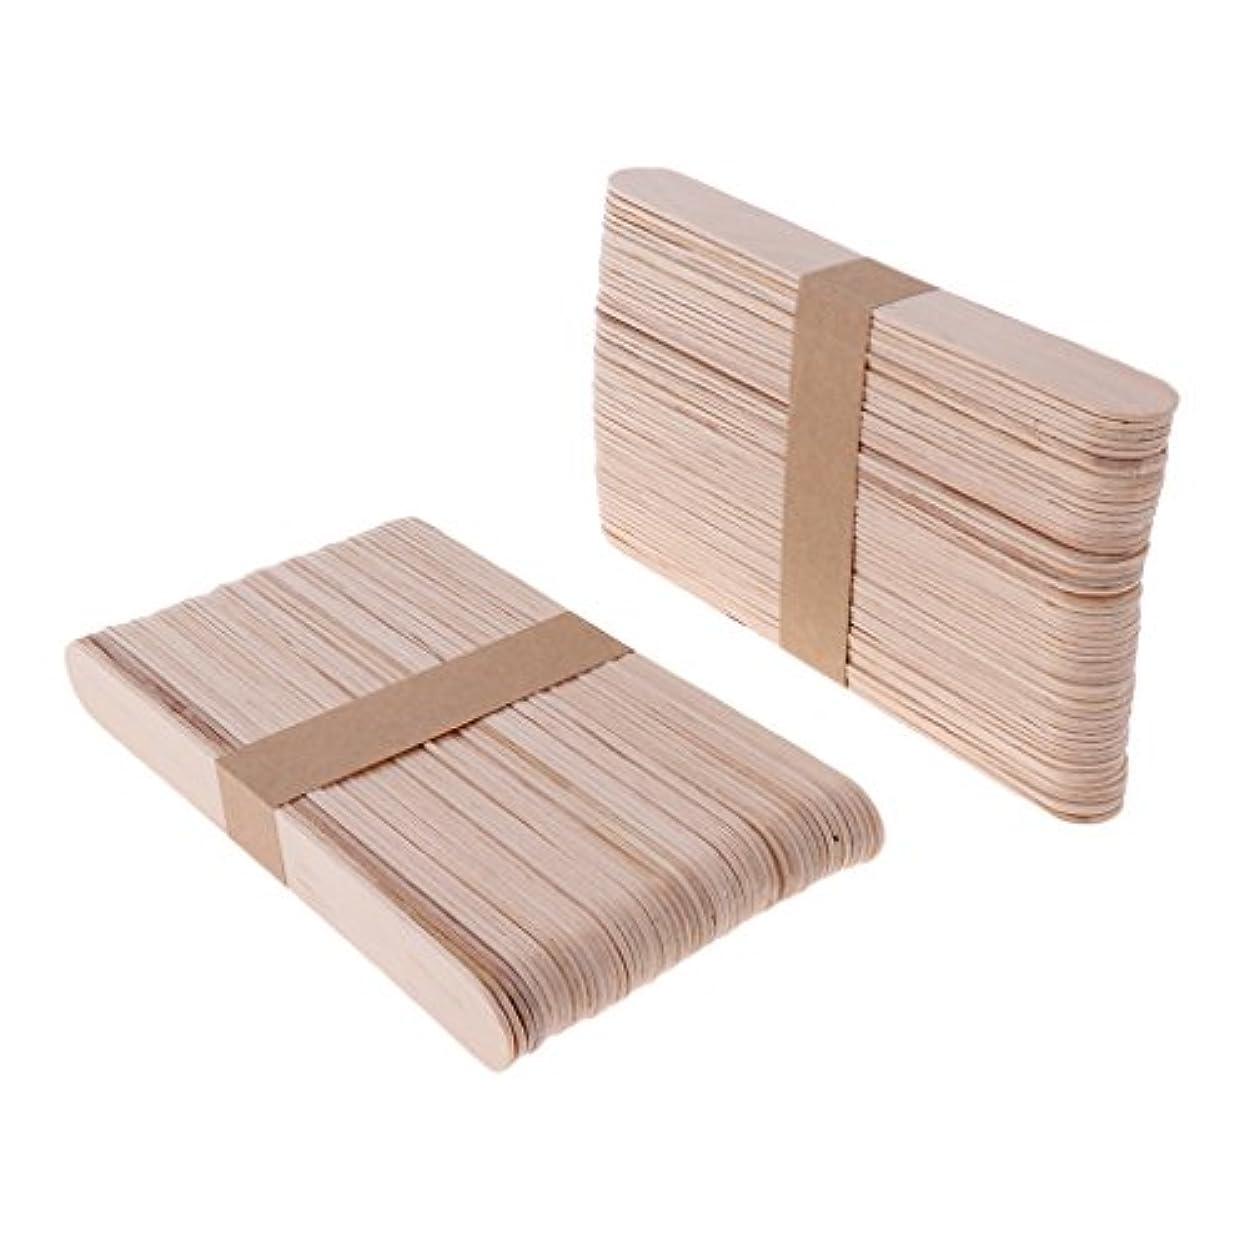 休眠グラムティームP Prettyia 木材スティック 脱毛 ワックス用 体毛除去 ウッド ワックススパチュラ 便利 200個 2サイズ - L